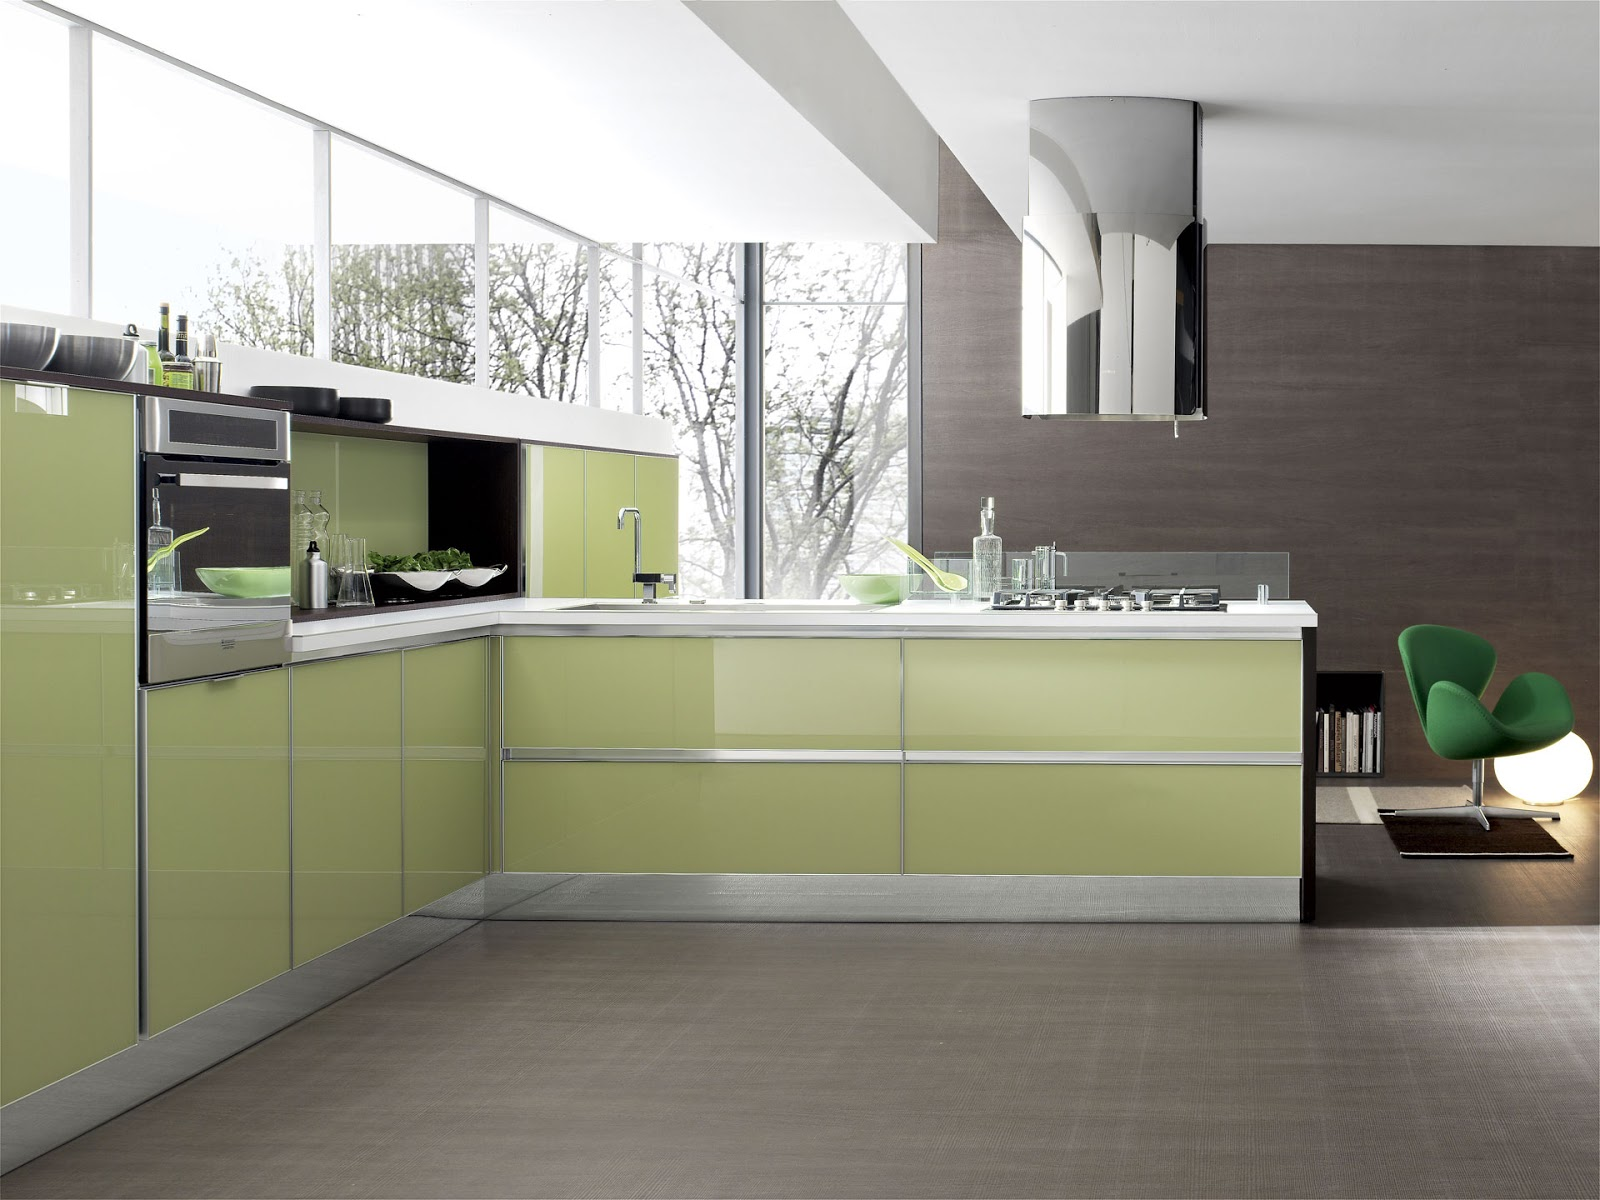 El acabado de la cocina brillo o mate cocinas con estilo for Cocinas verdes modernas